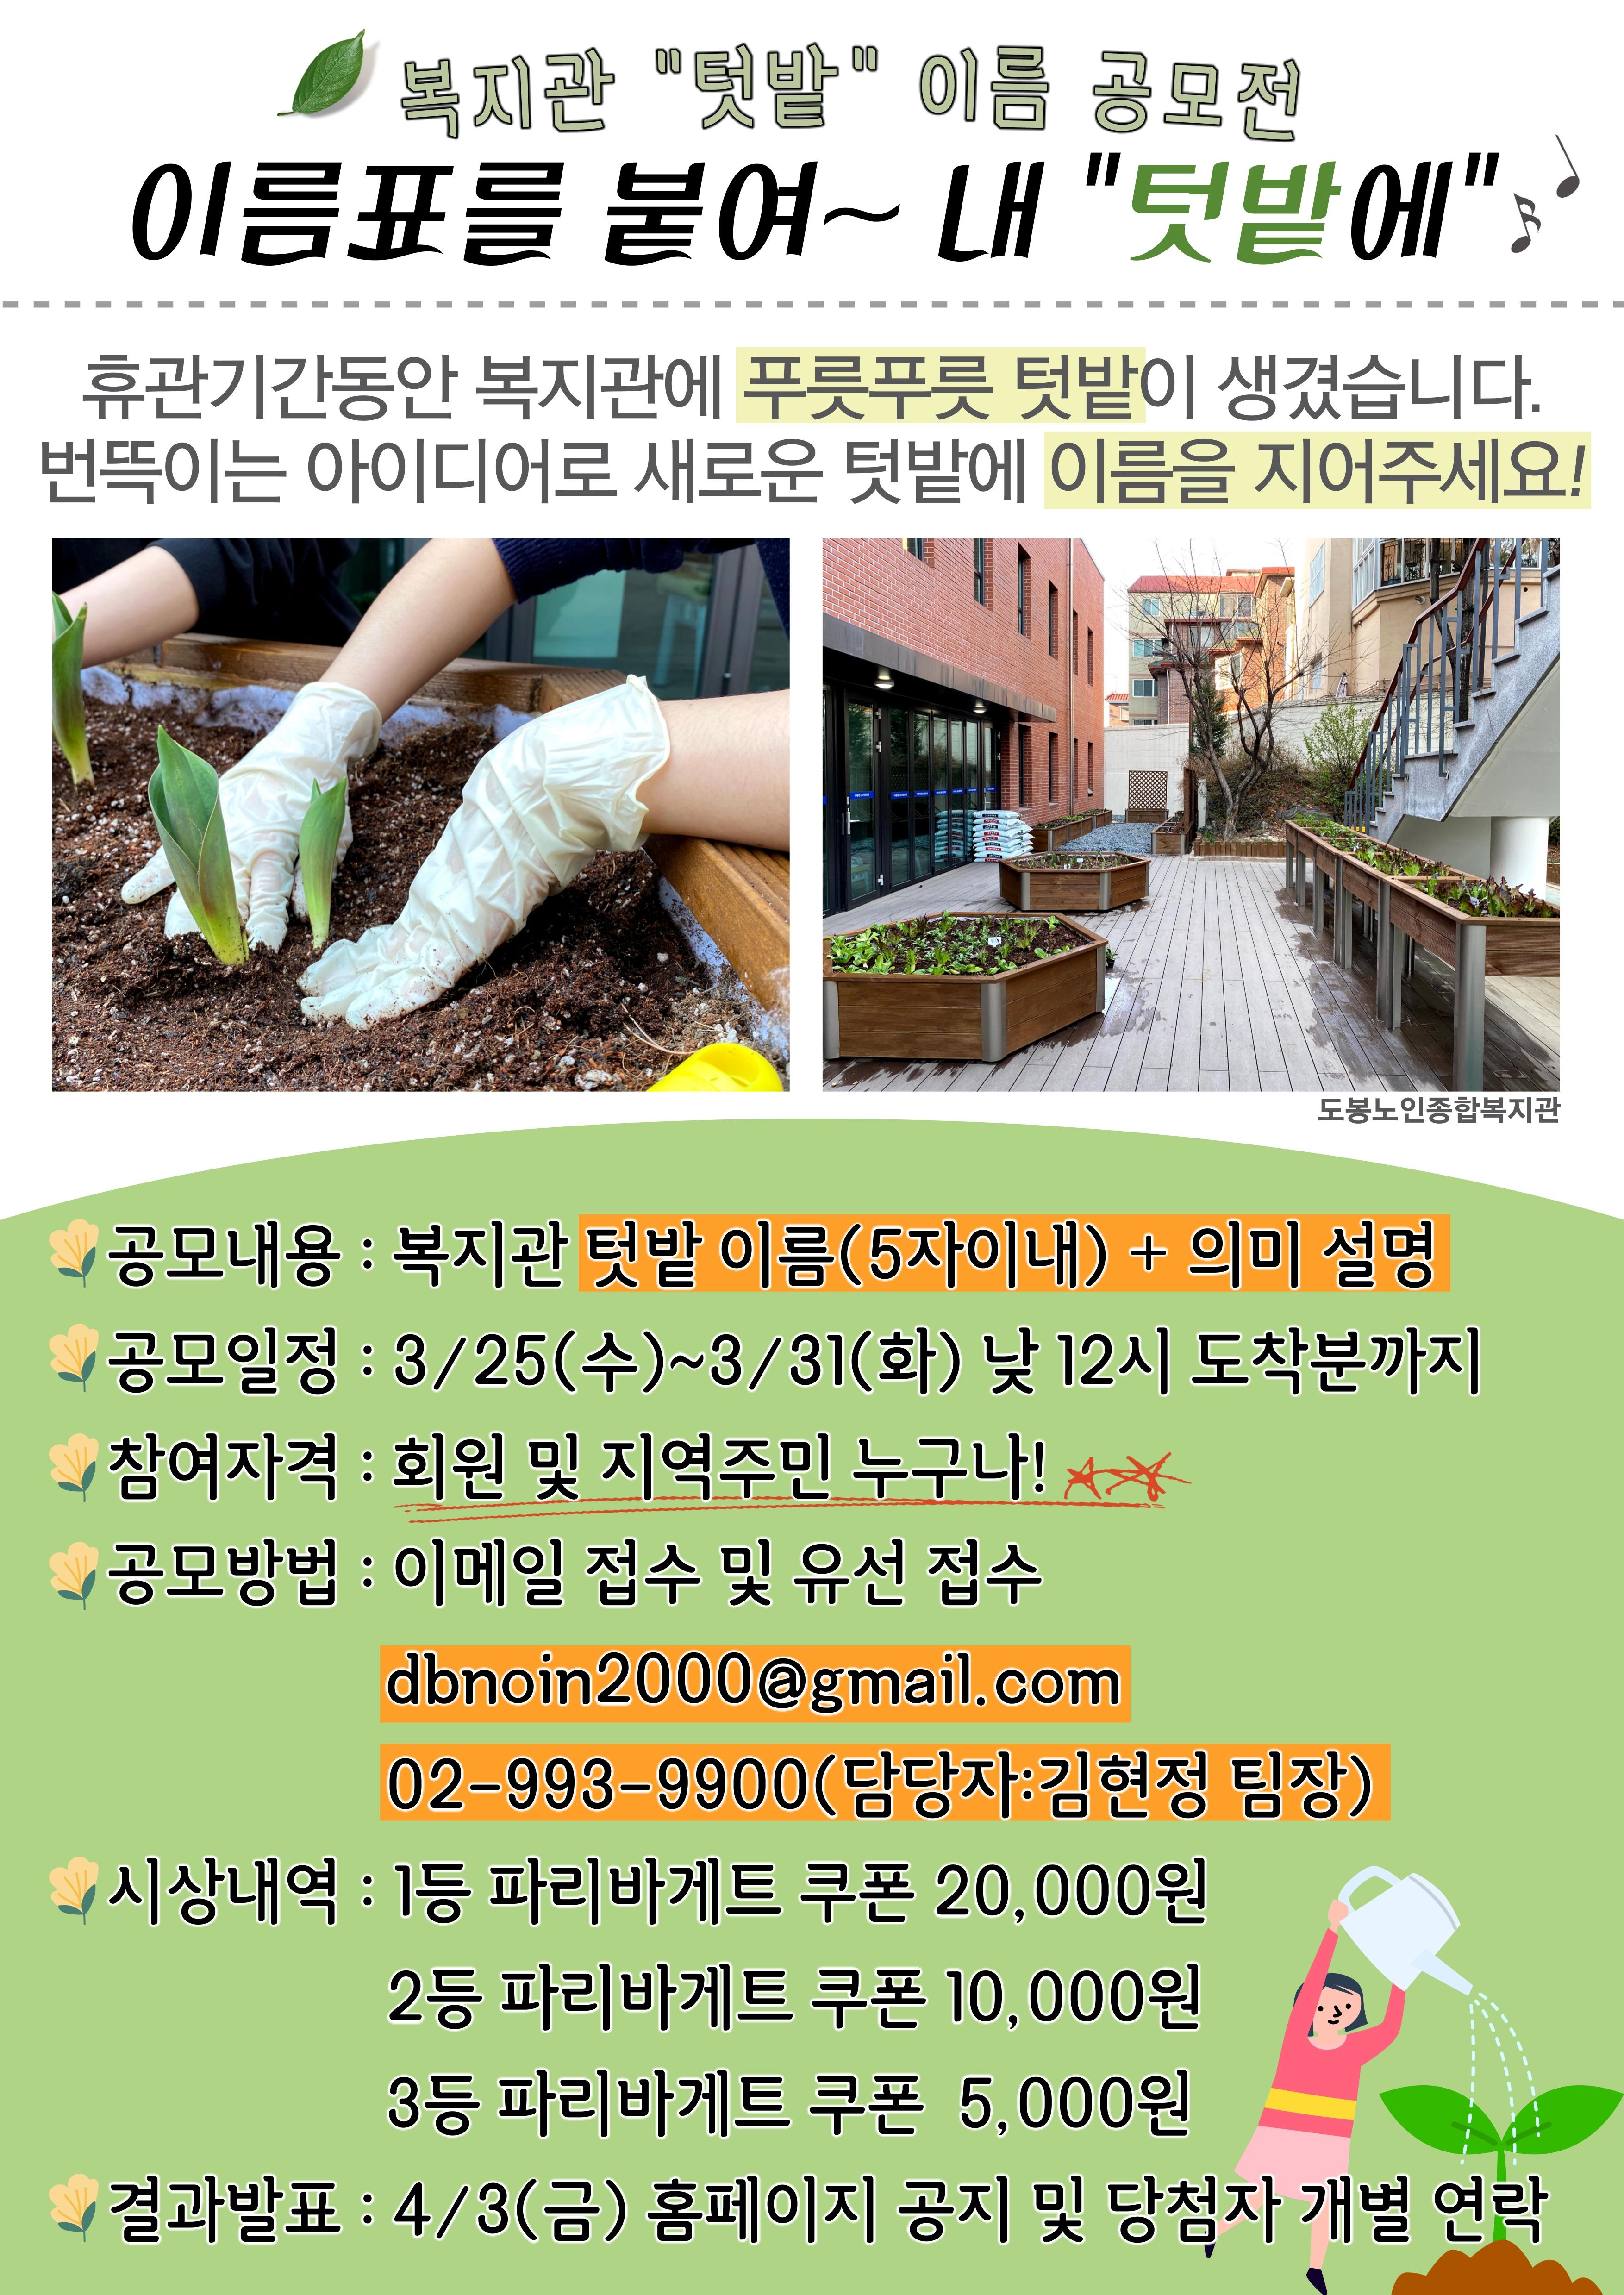 텃밭 이름 공모 홍보물3.jpg